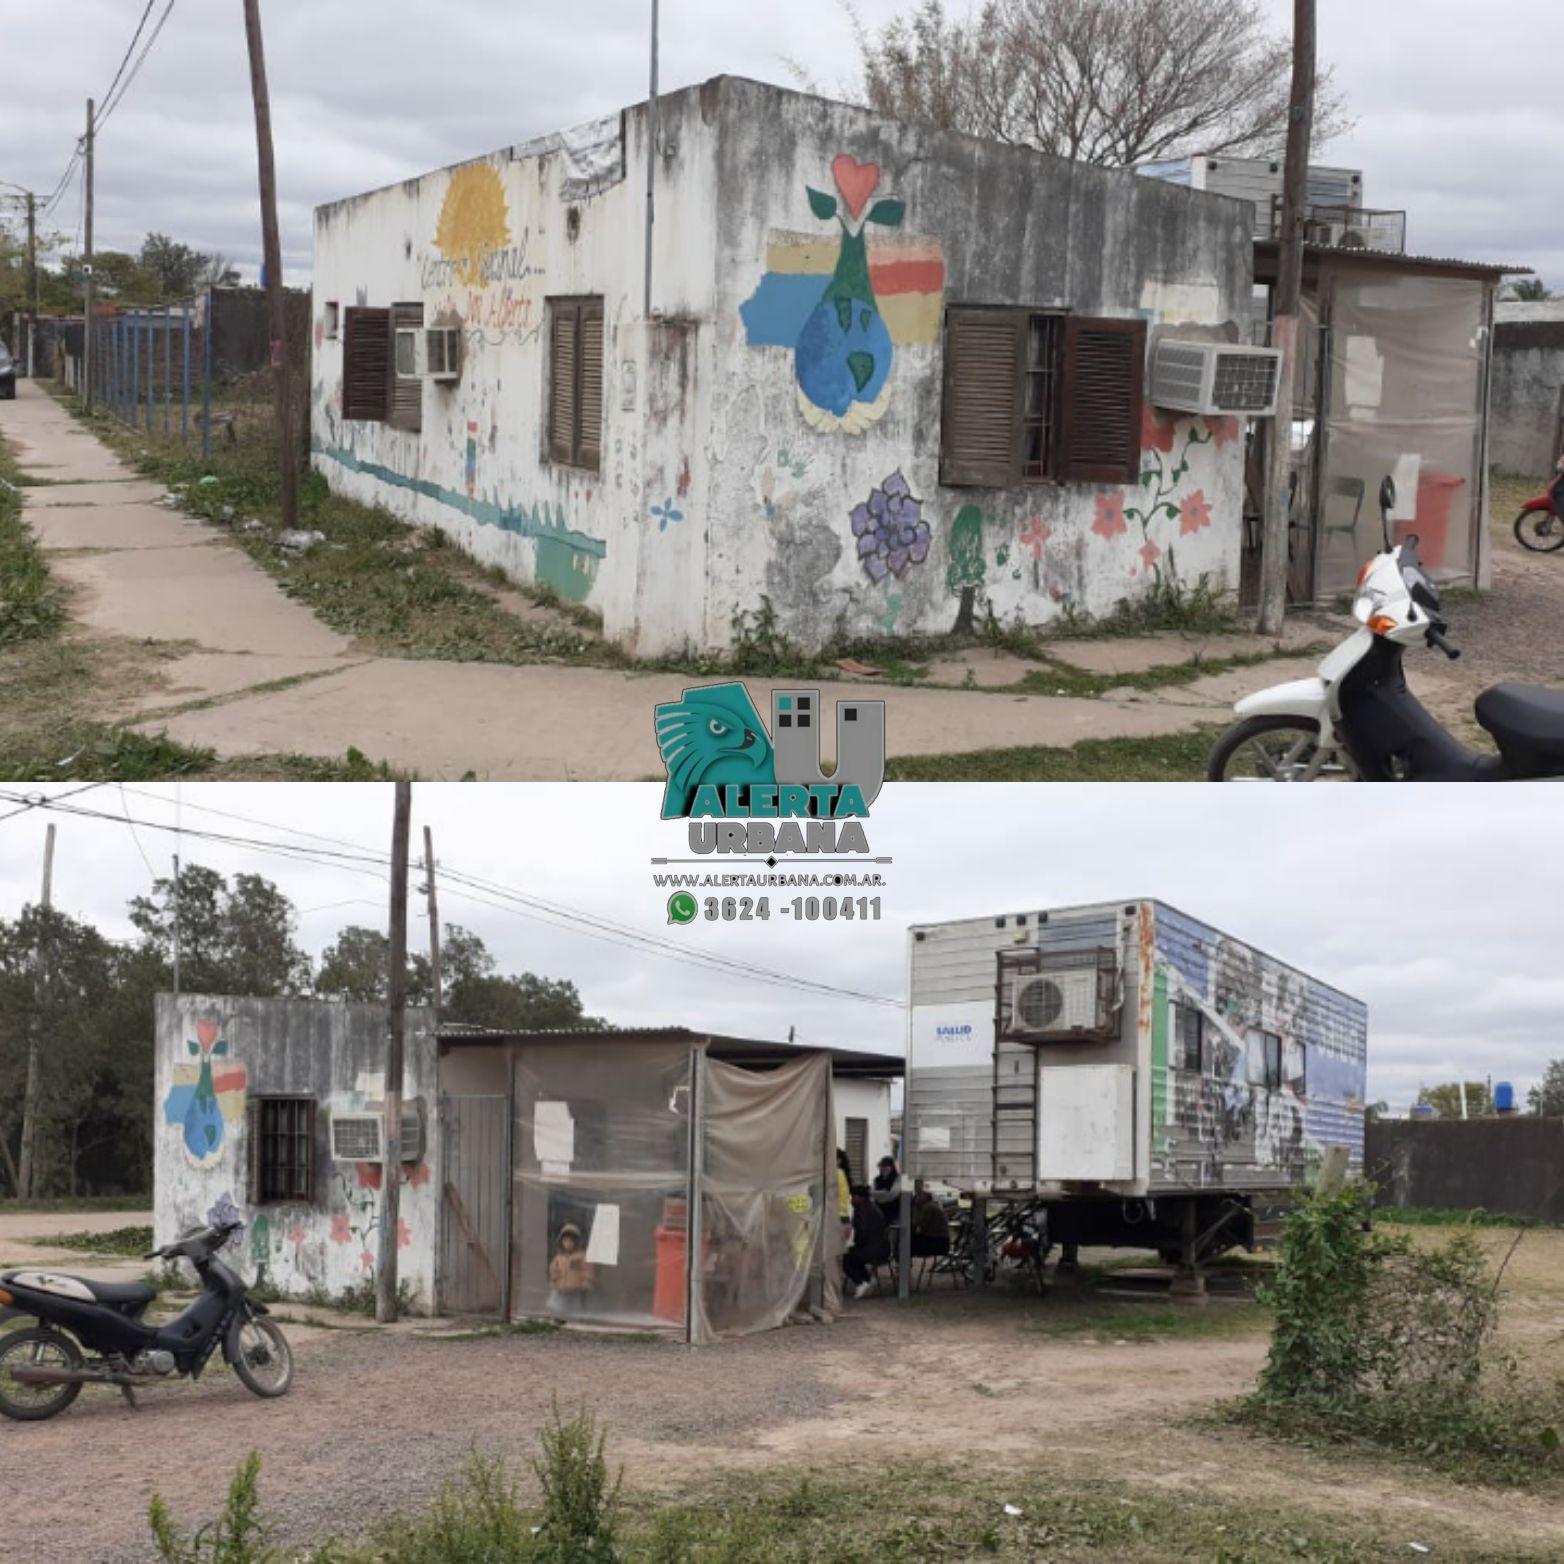 Enfermeras del Centro de Salud de Villa Don Alberto, no atenderán hasta ser trasladados al nuevo Centro